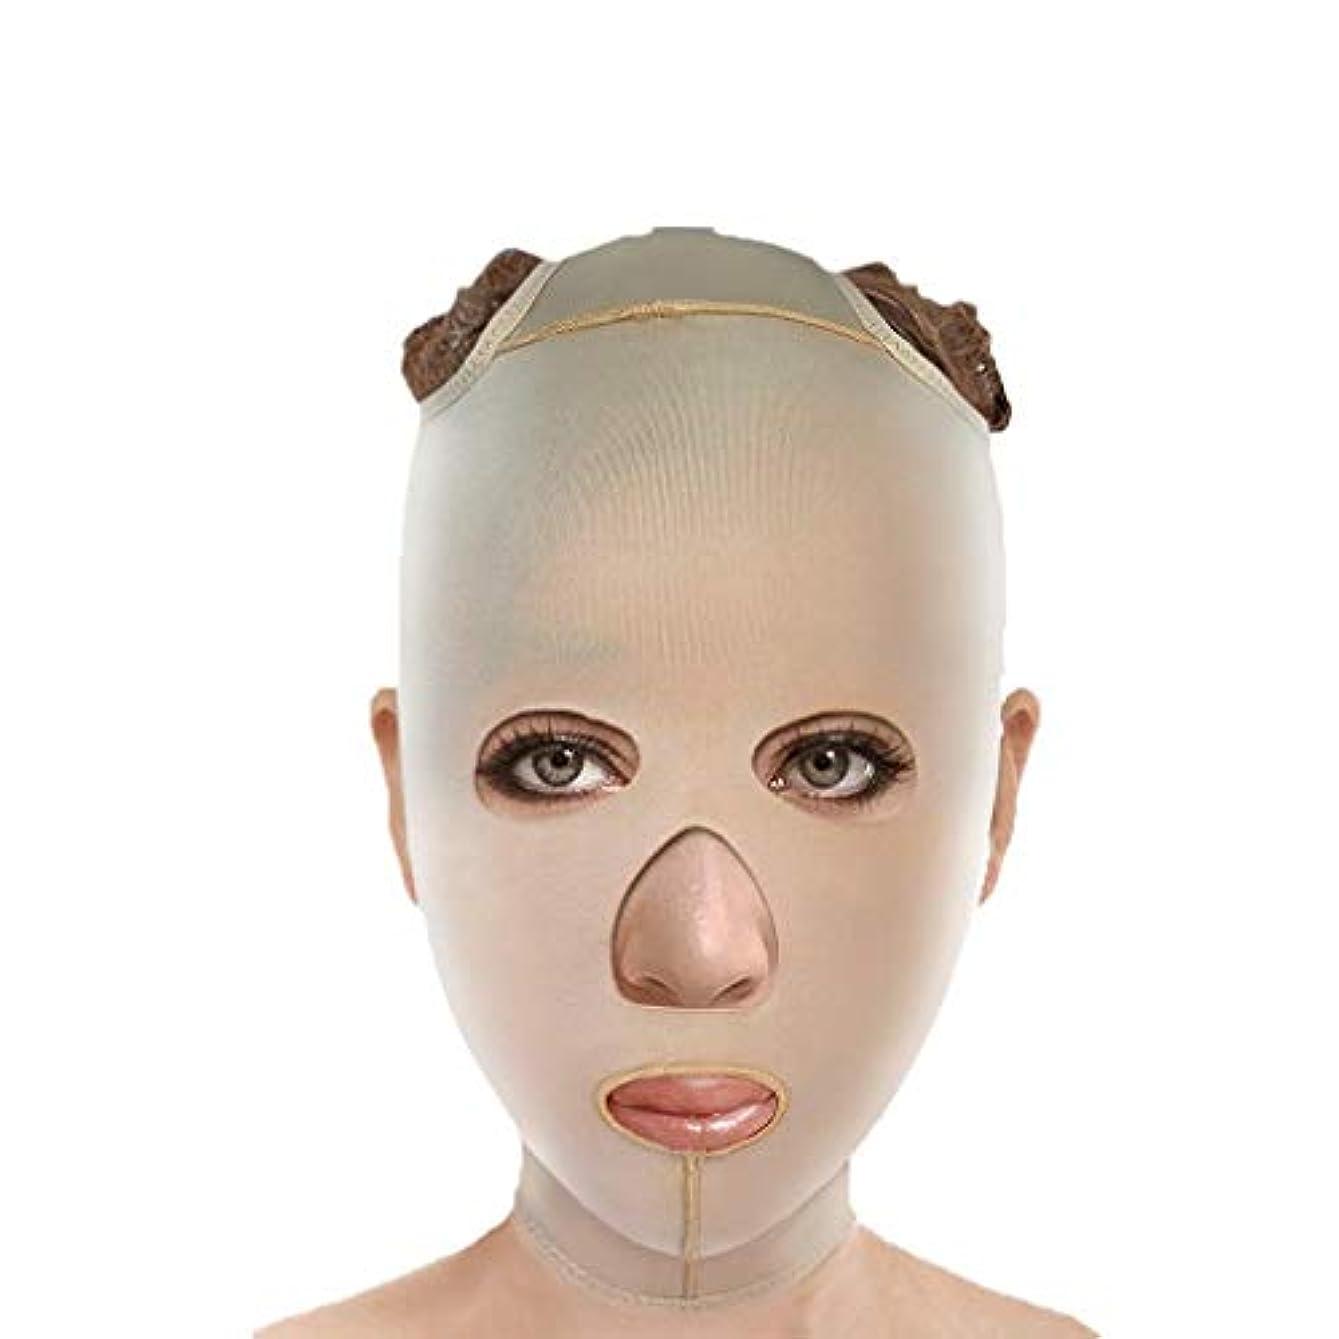 電子消毒剤平野チンストラップ、フェイスリフティング、アンチエイジングフェイシャル包帯、フェイシャル減量マスク、ファーミングマスク、フェイシャルリフティングアーティファクト(サイズ:S),ザ?